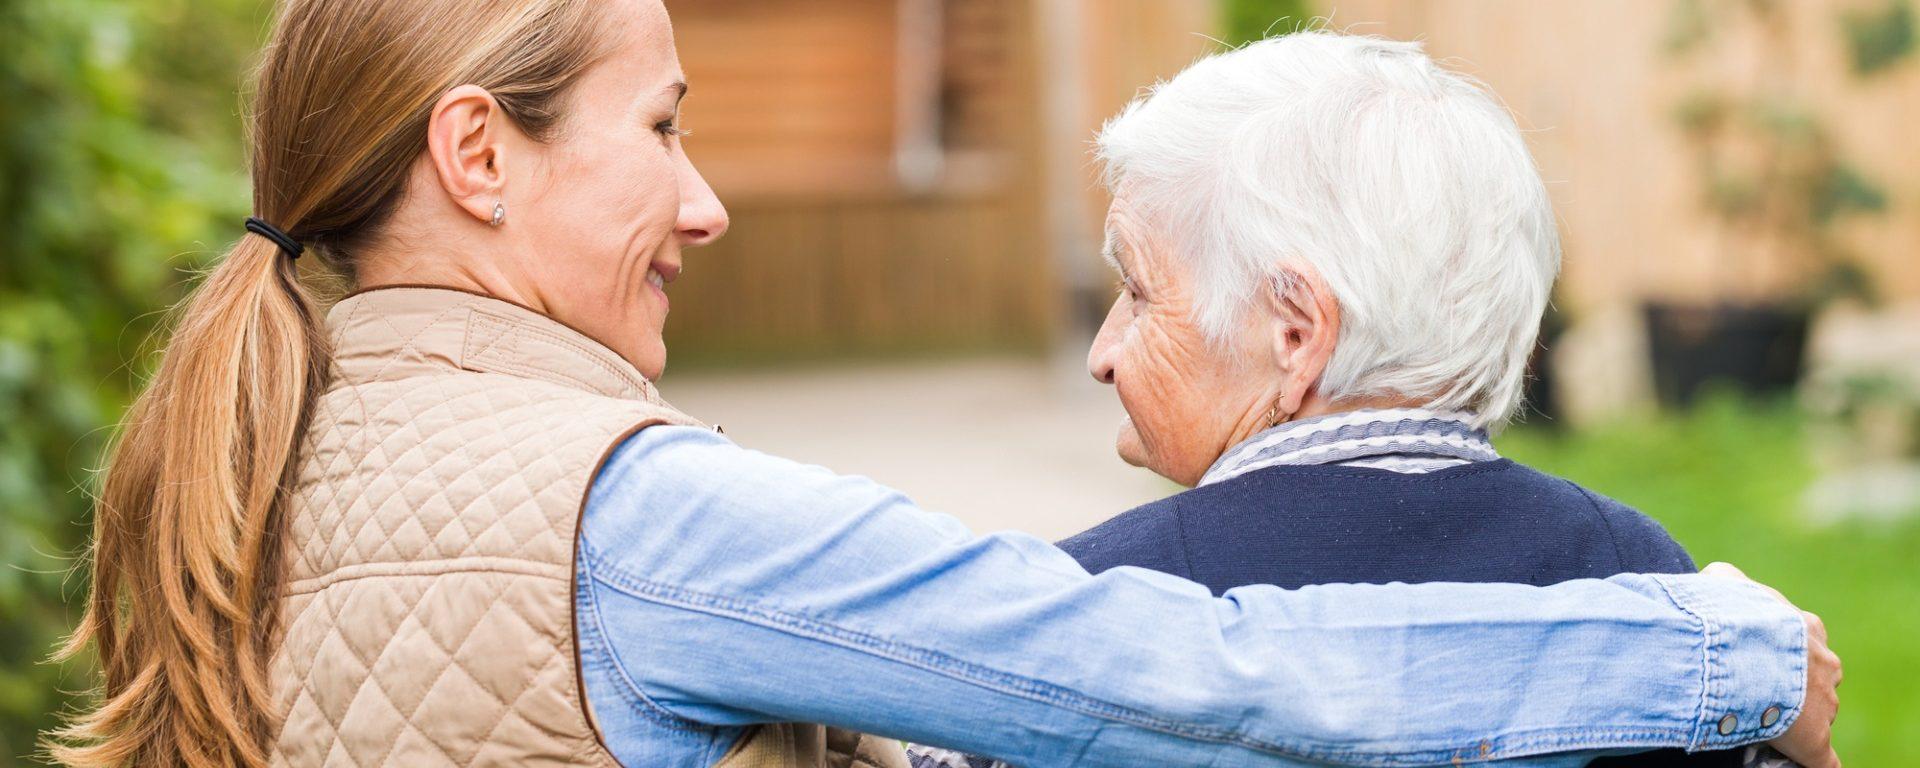 Häusliche Pflege von Angehörigen